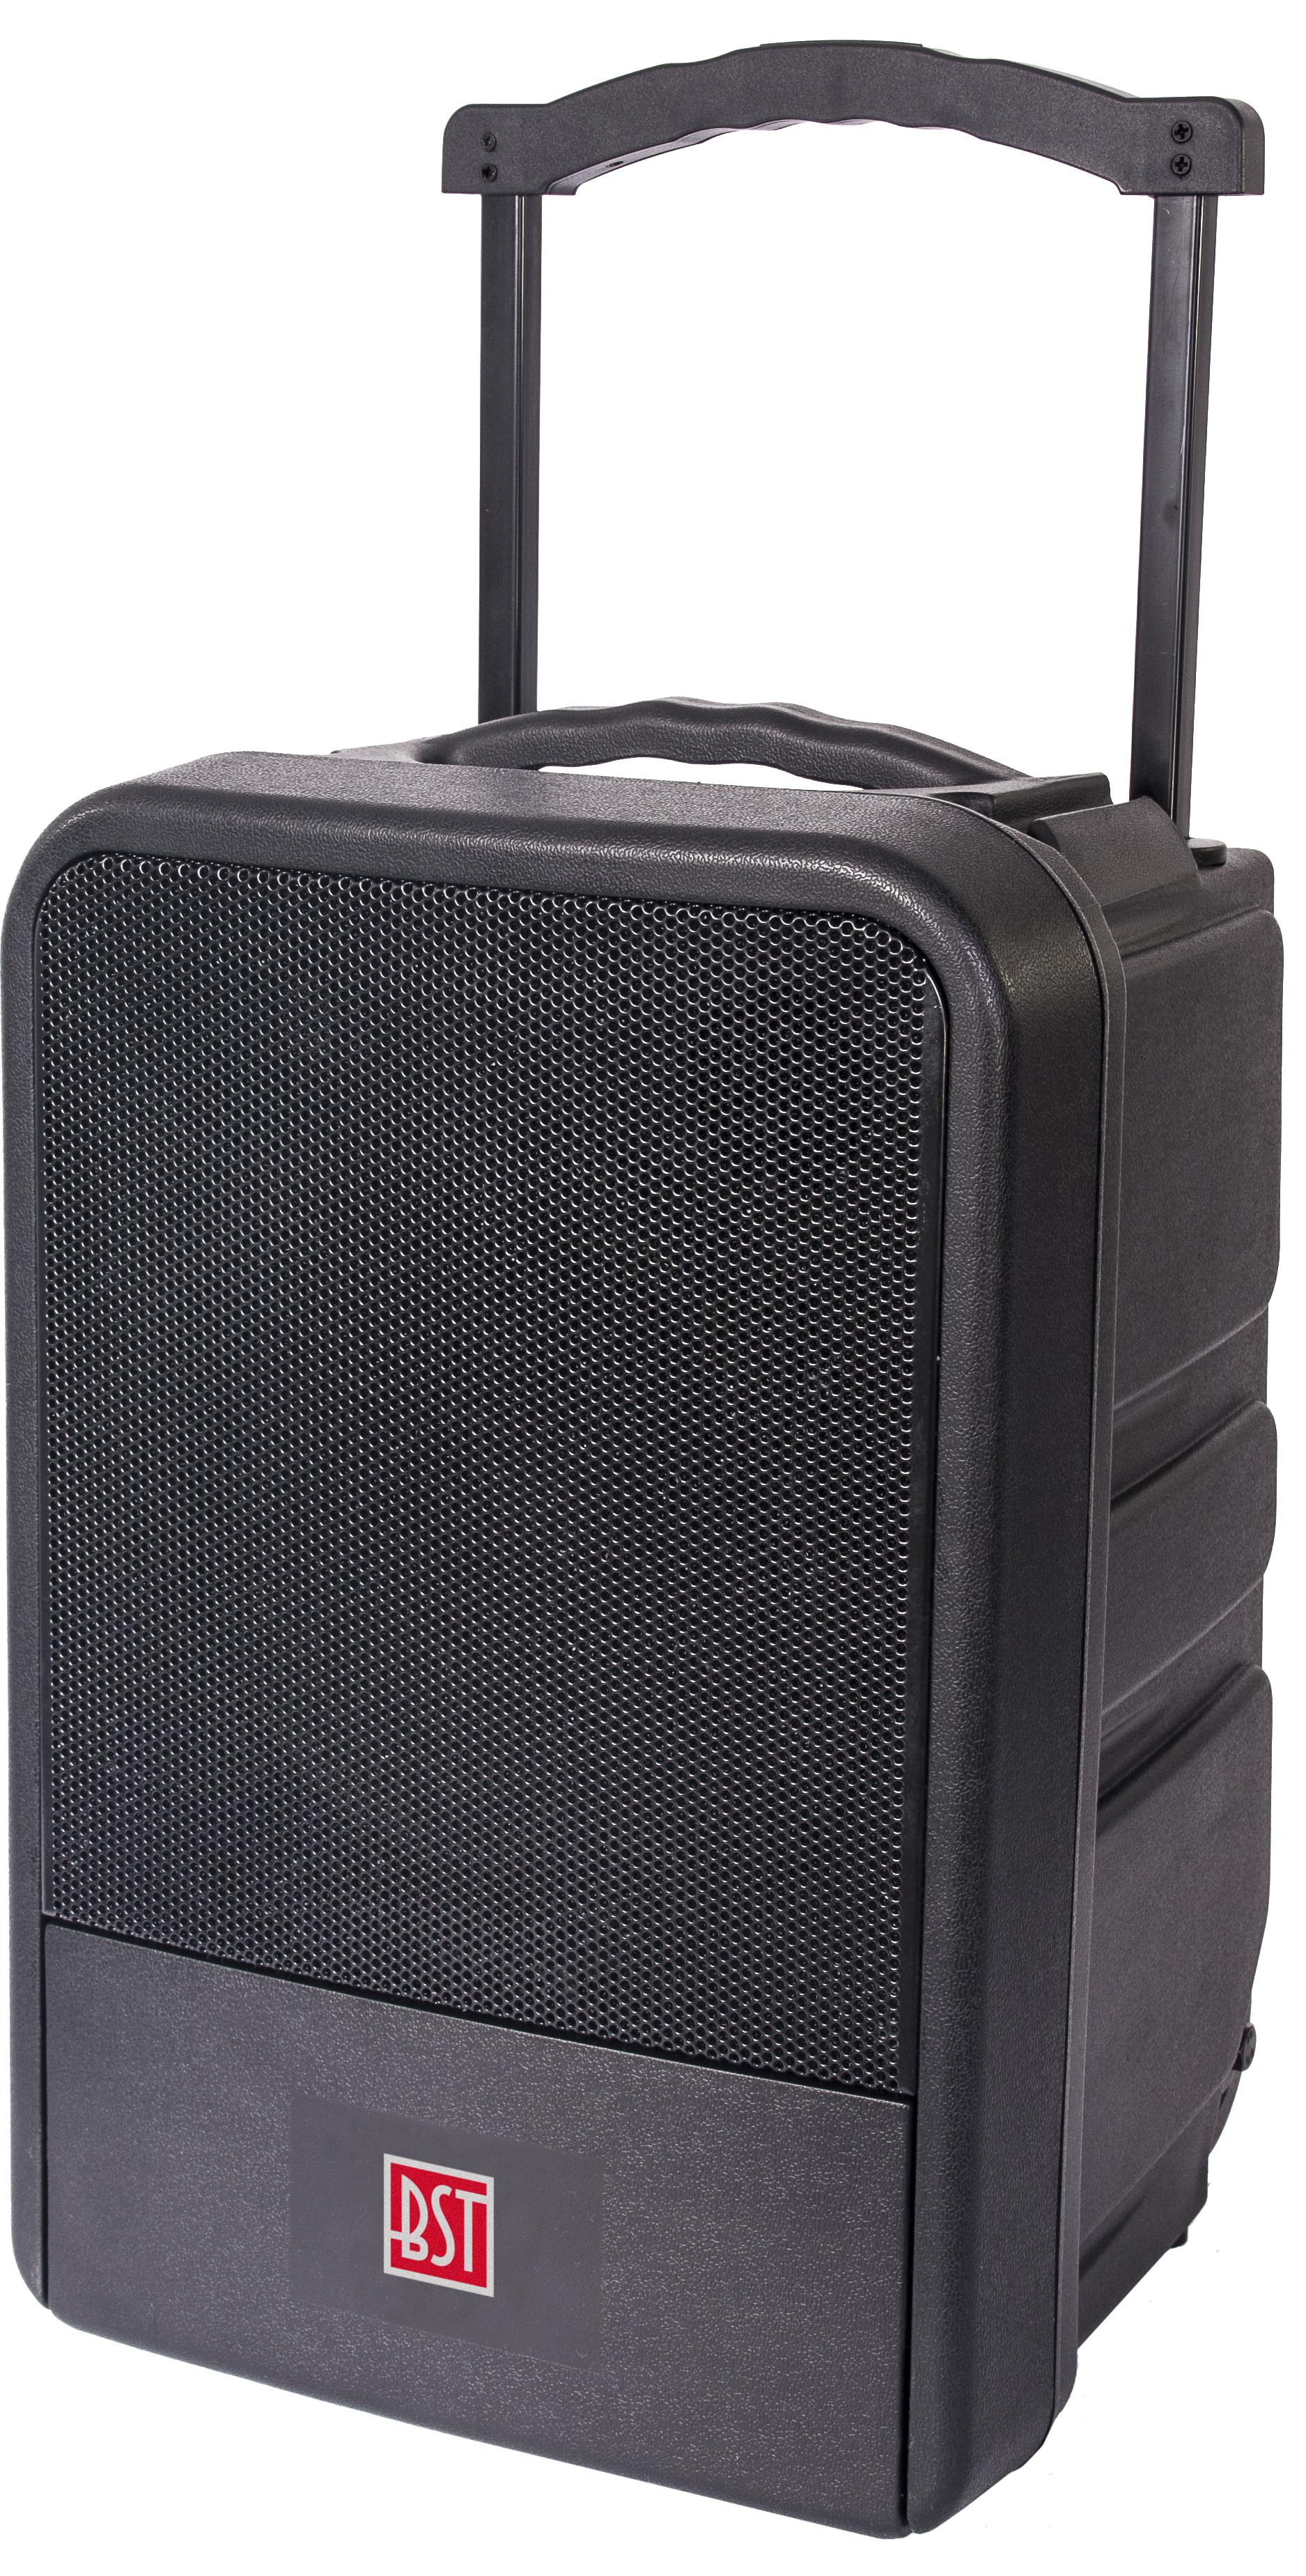 Image of   BST IPS10-250 Ip54 aktiv højttaler med bluetooth og USB